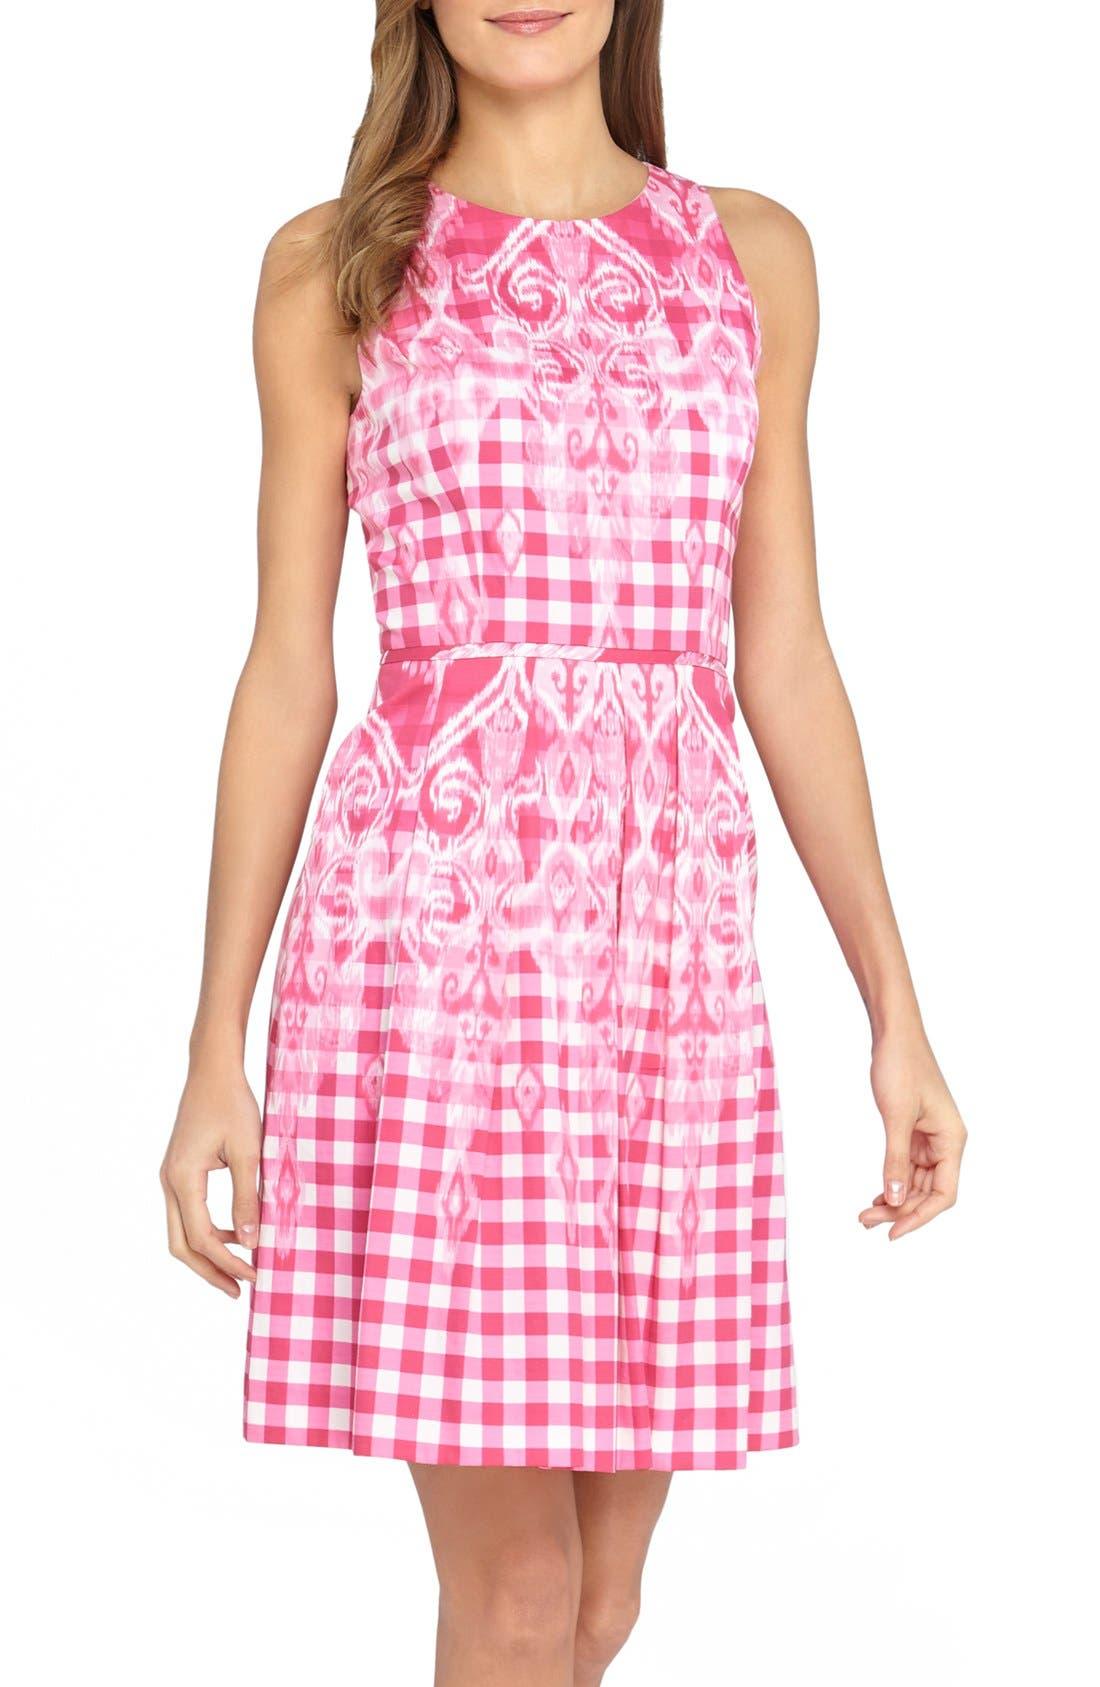 Main Image - Tahari Gingham Print Fit & Flare Dress (Regular & Petite)